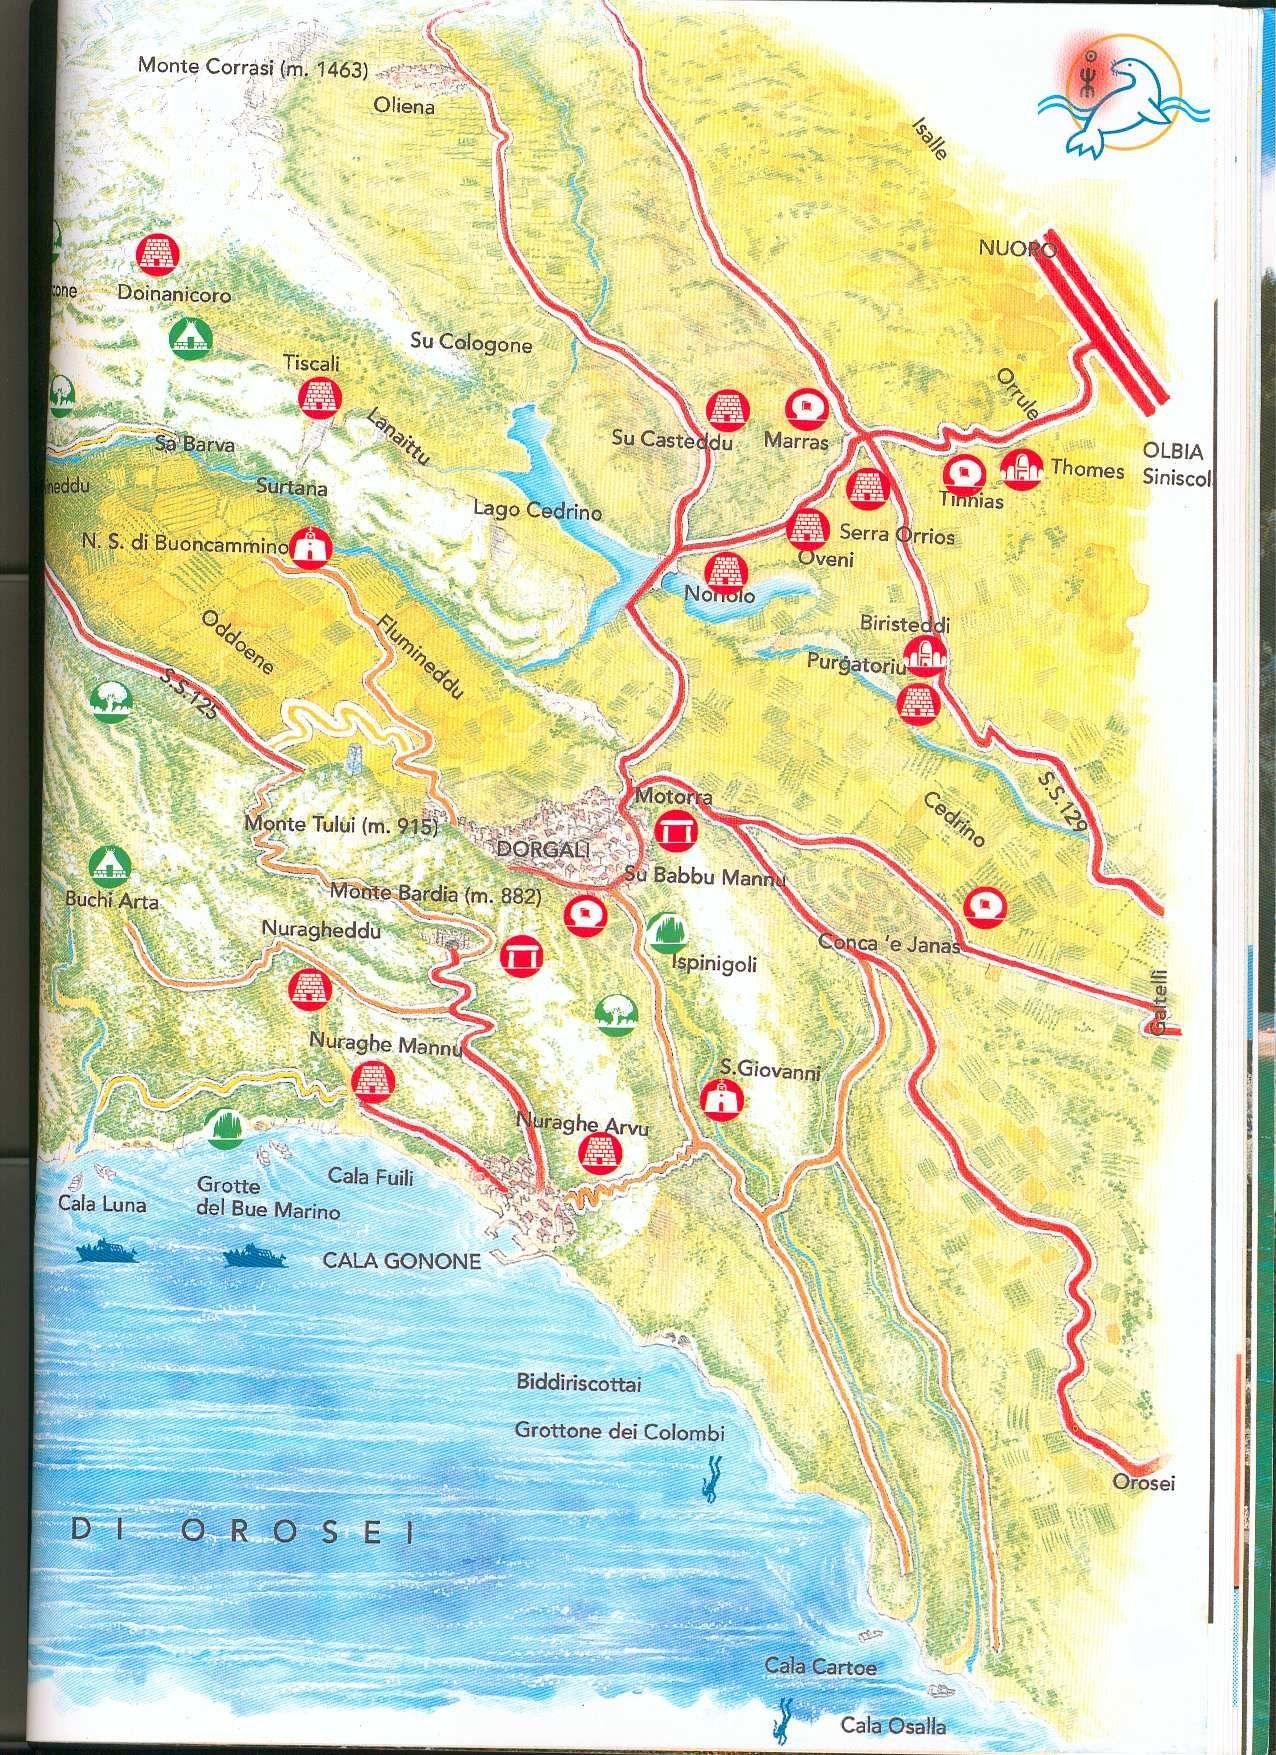 Cala Gonone Tourist Map Cala Gonone Sardinia mappery Vietos